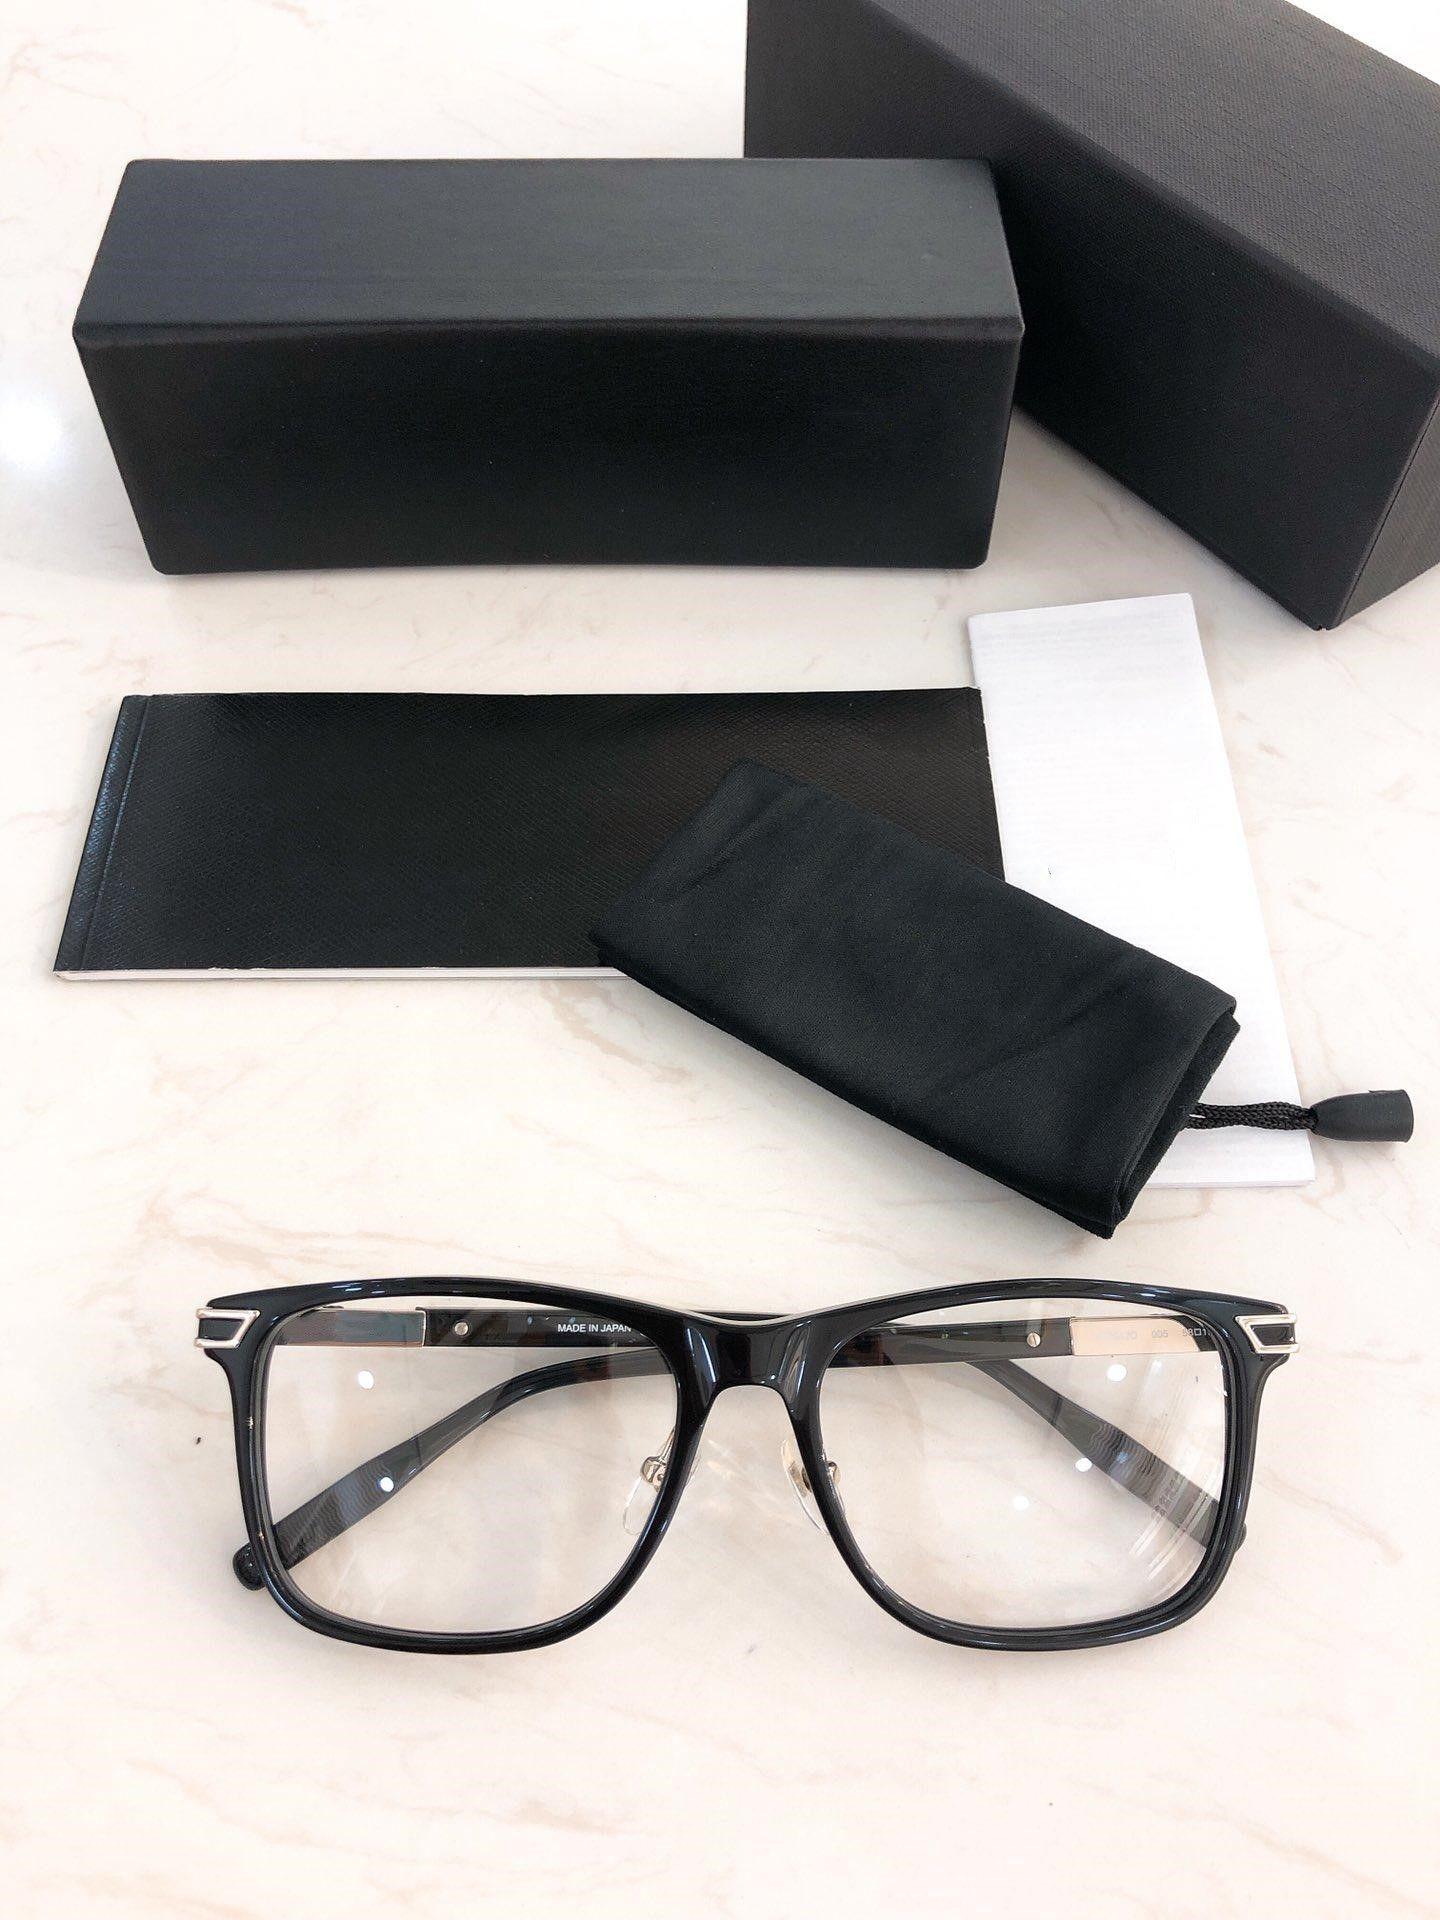 تصميم النظارات الإطار- 2019 لوحة ذات جودة عالية جديدة كبيرة مربع إطار نظارات أزياء الرجال النظارات إطار 0042O